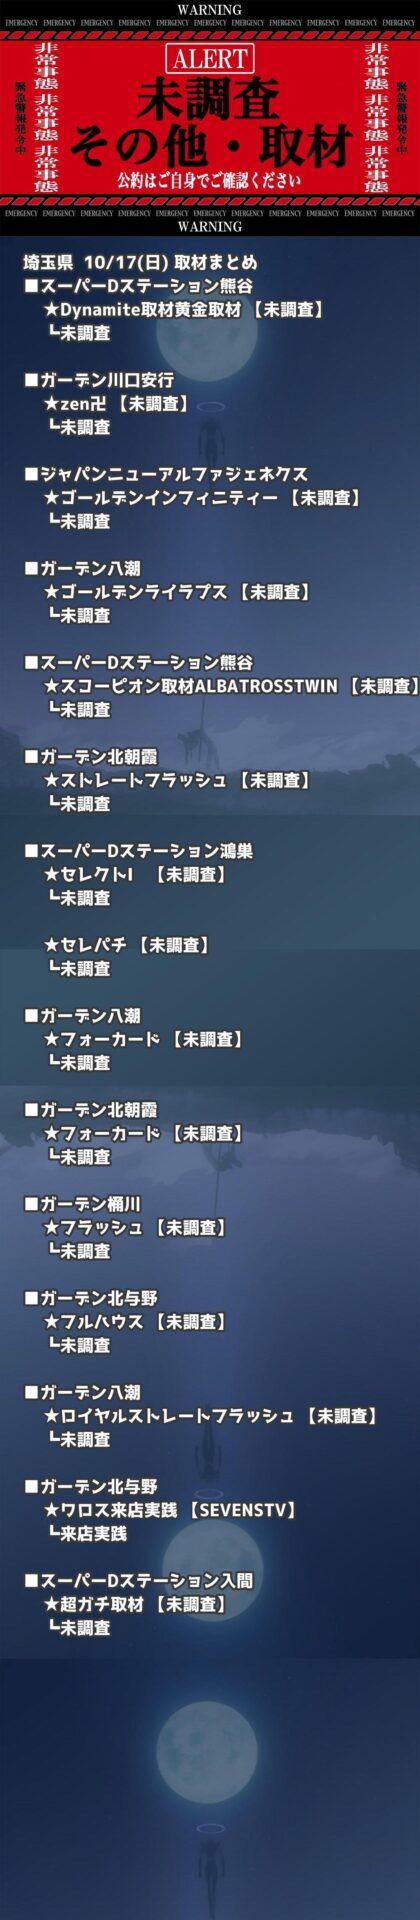 埼玉県_2021-10-17_未調査_パチンコ・パチスロ